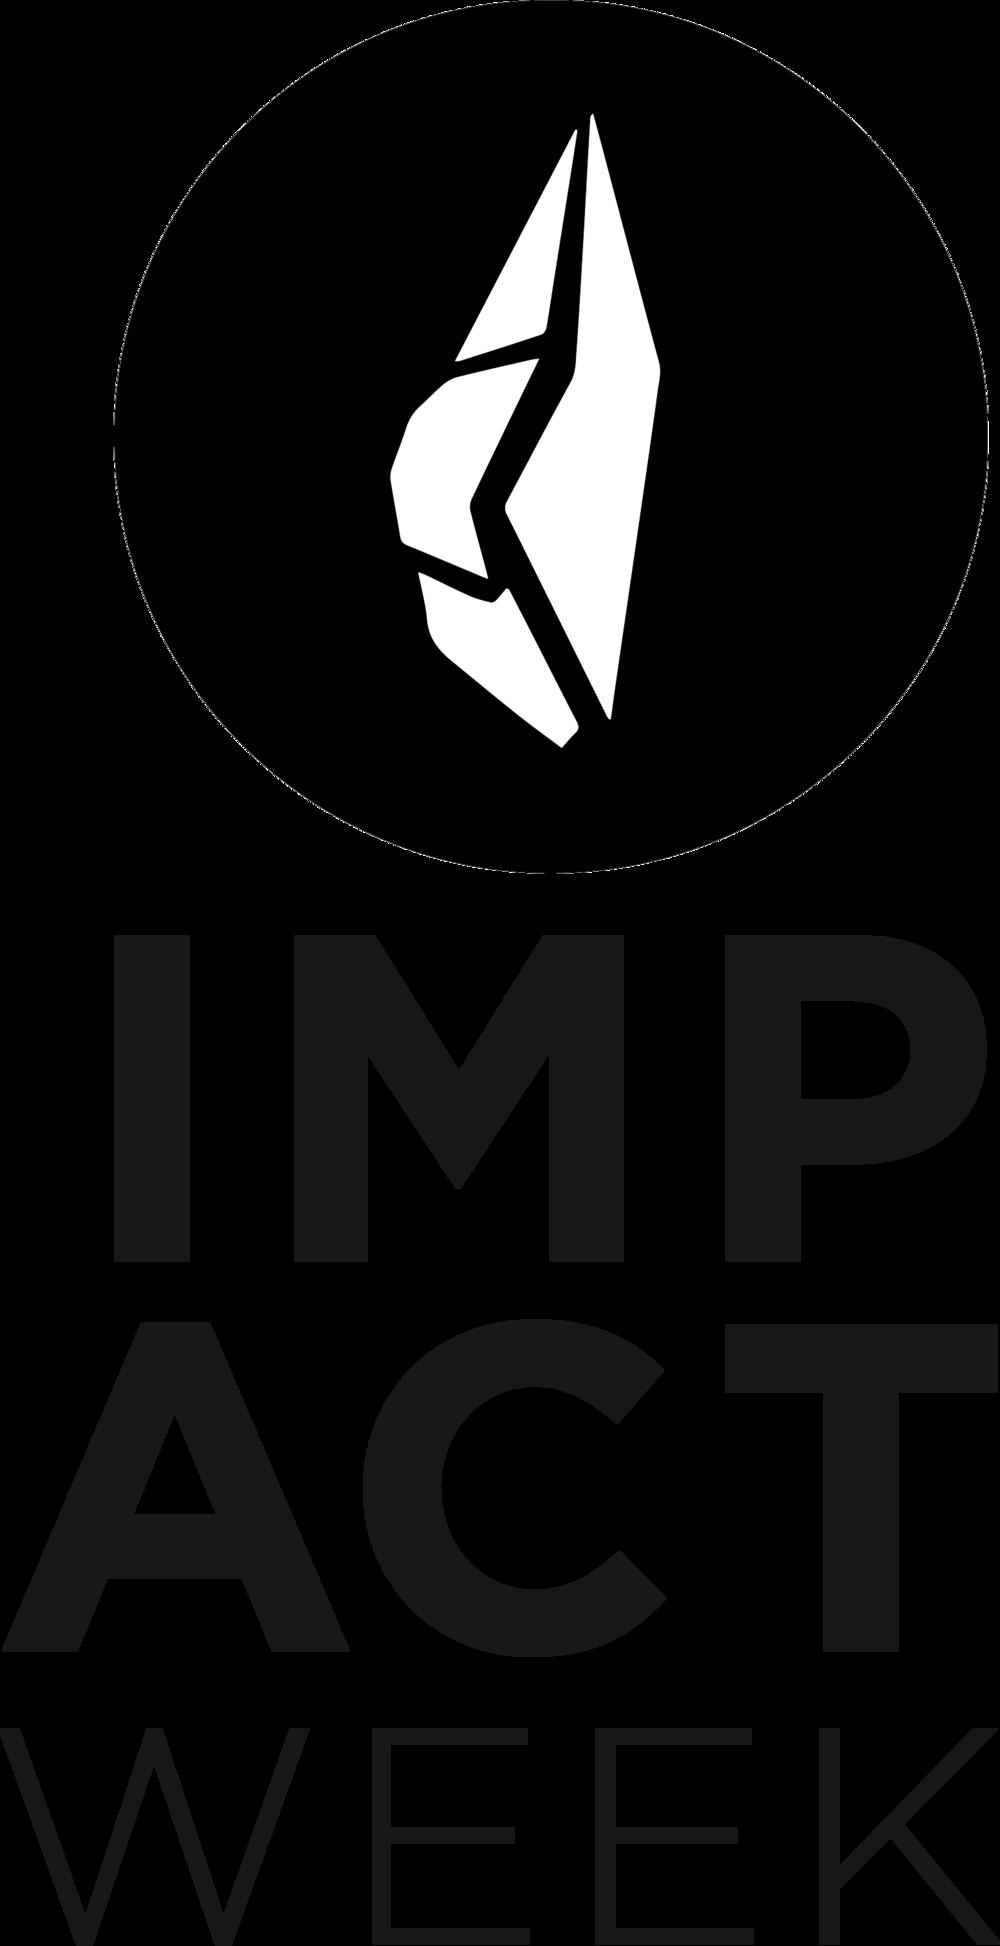 IMPACTWEEK-black (1).png